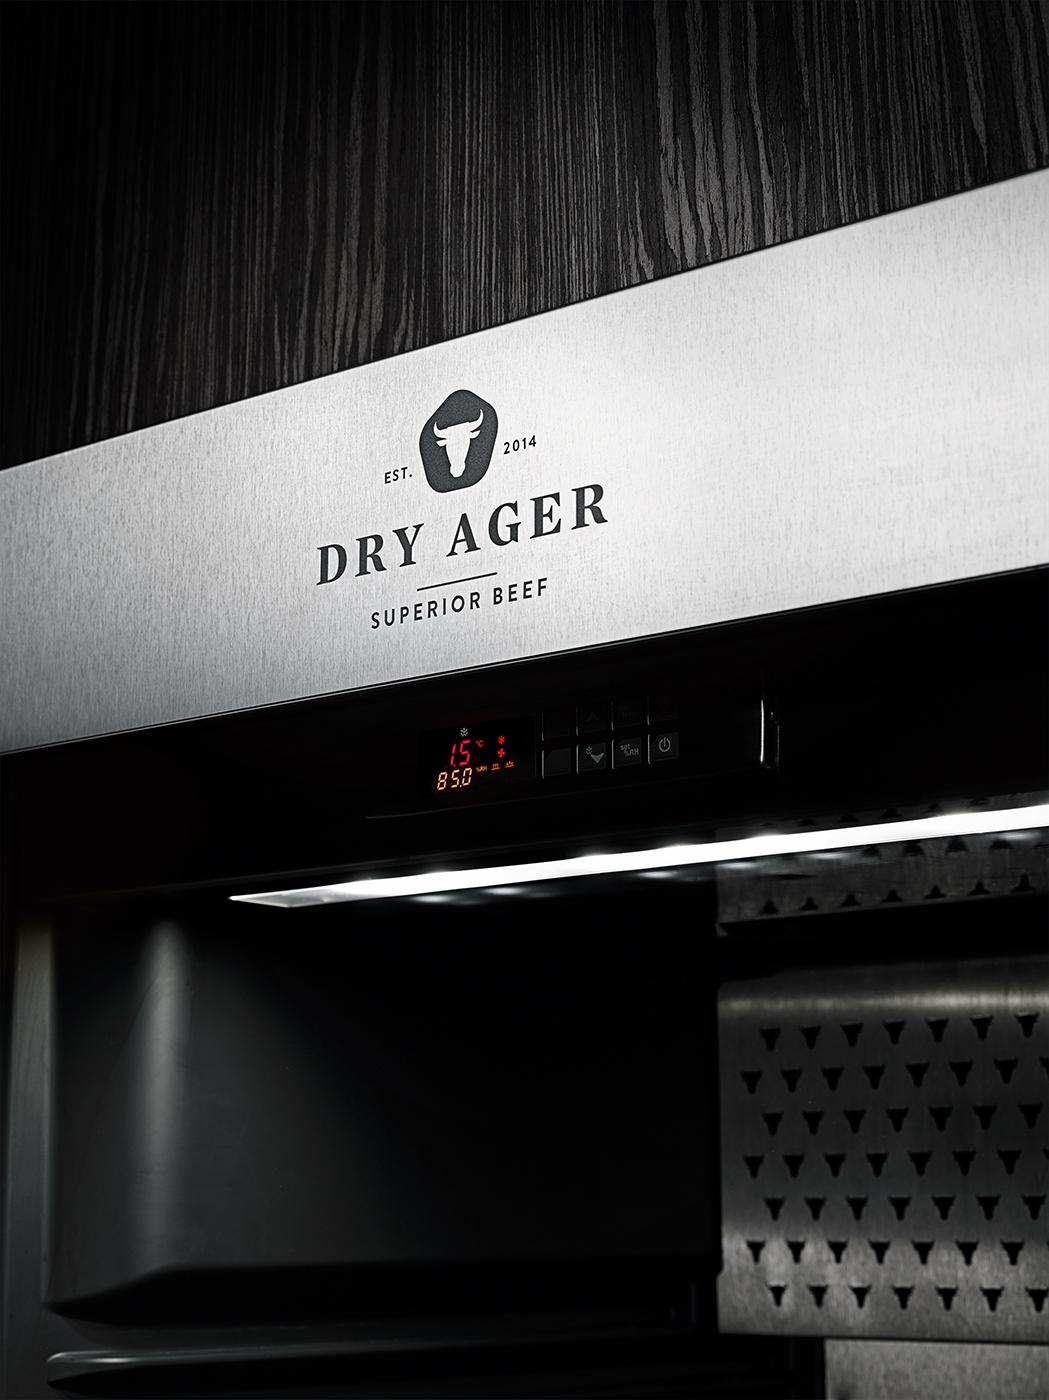 DRYAGER-DX1000-DETAIL-02_150dpi_rgb